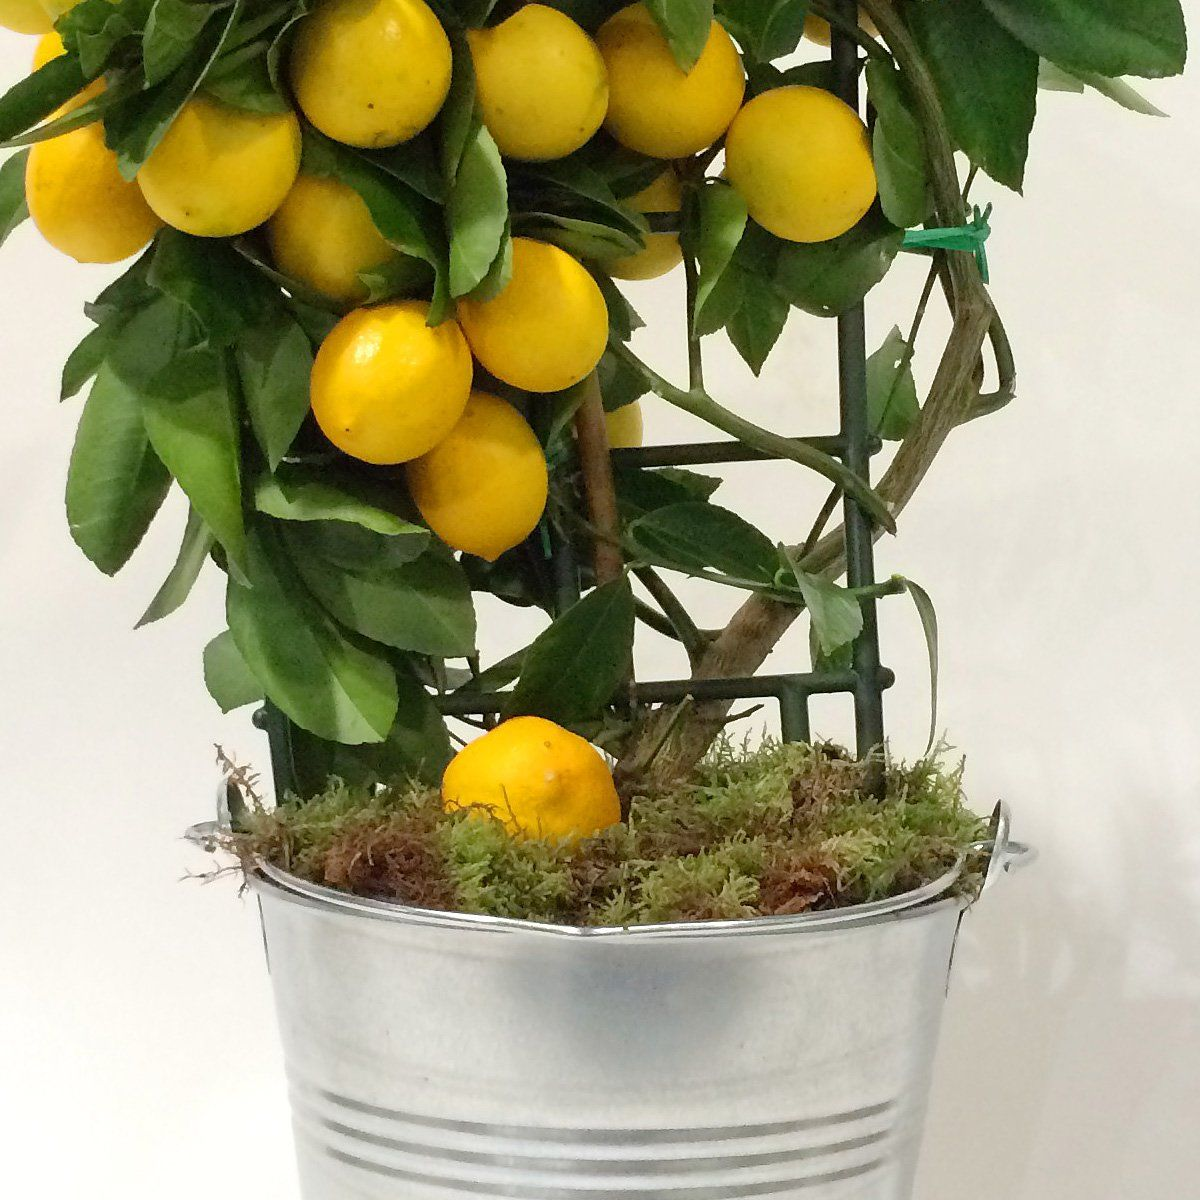 Astuce Voici Comment Faire Pousser Un Citronnier A La Maison Avec Des Graines Faire Pousser Un Citronnier Jardinage En Pots Idee Jardinage